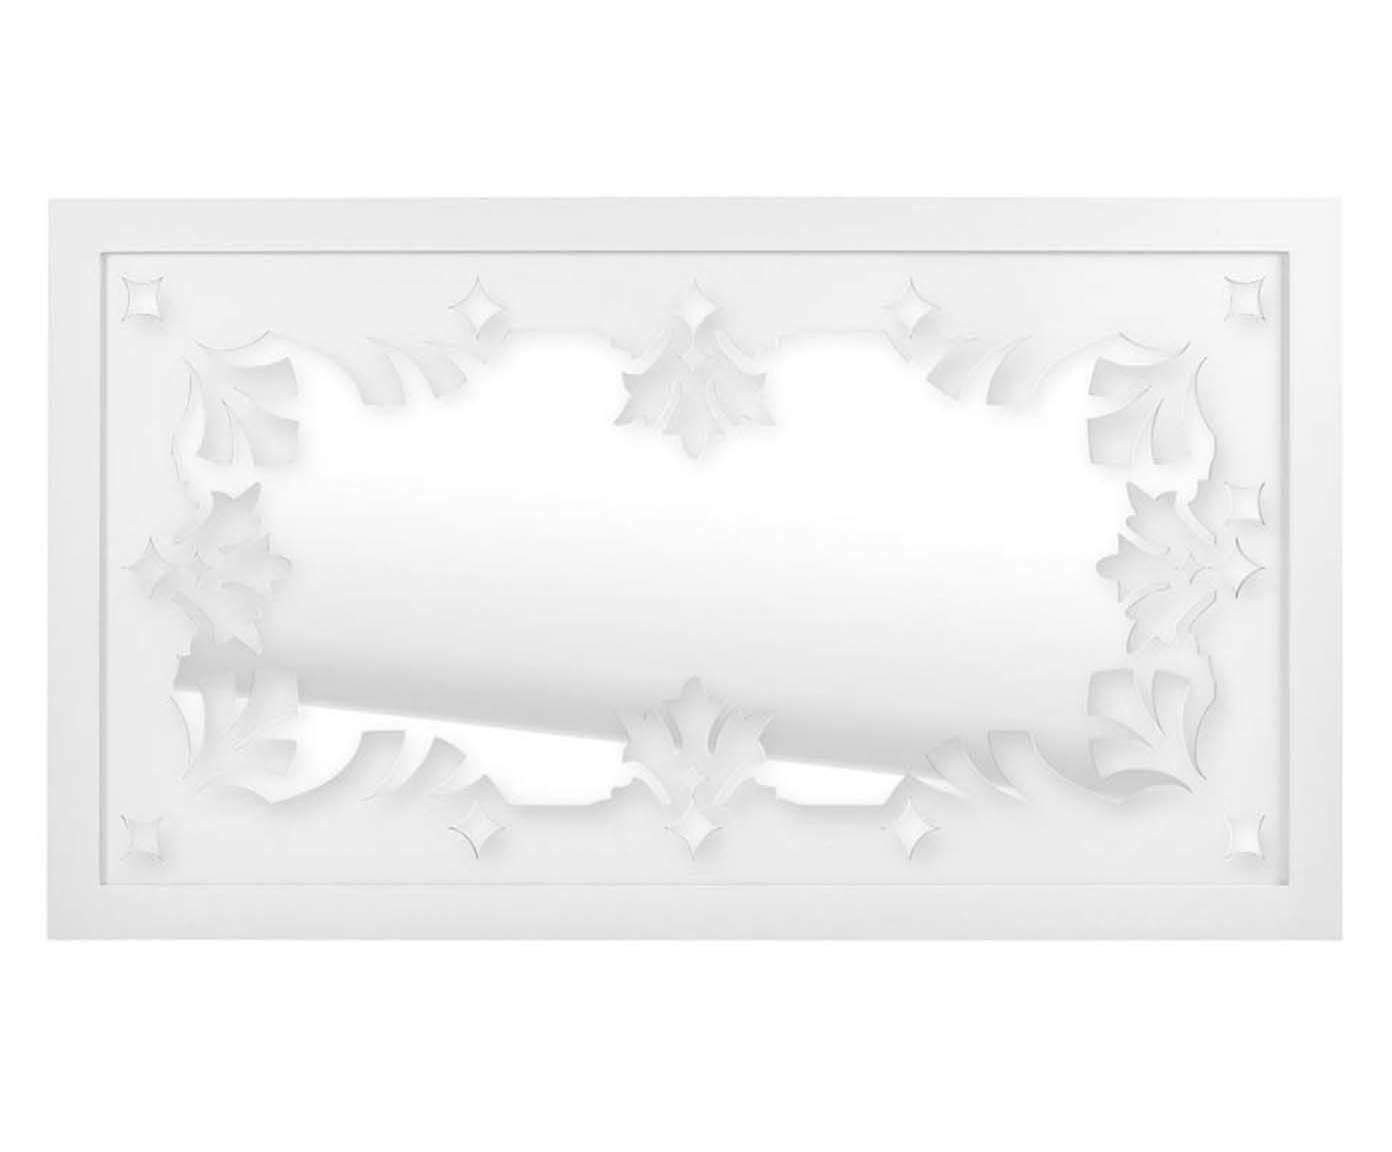 Espelho amarzin glass cloud - 120 cm | Westwing.com.br